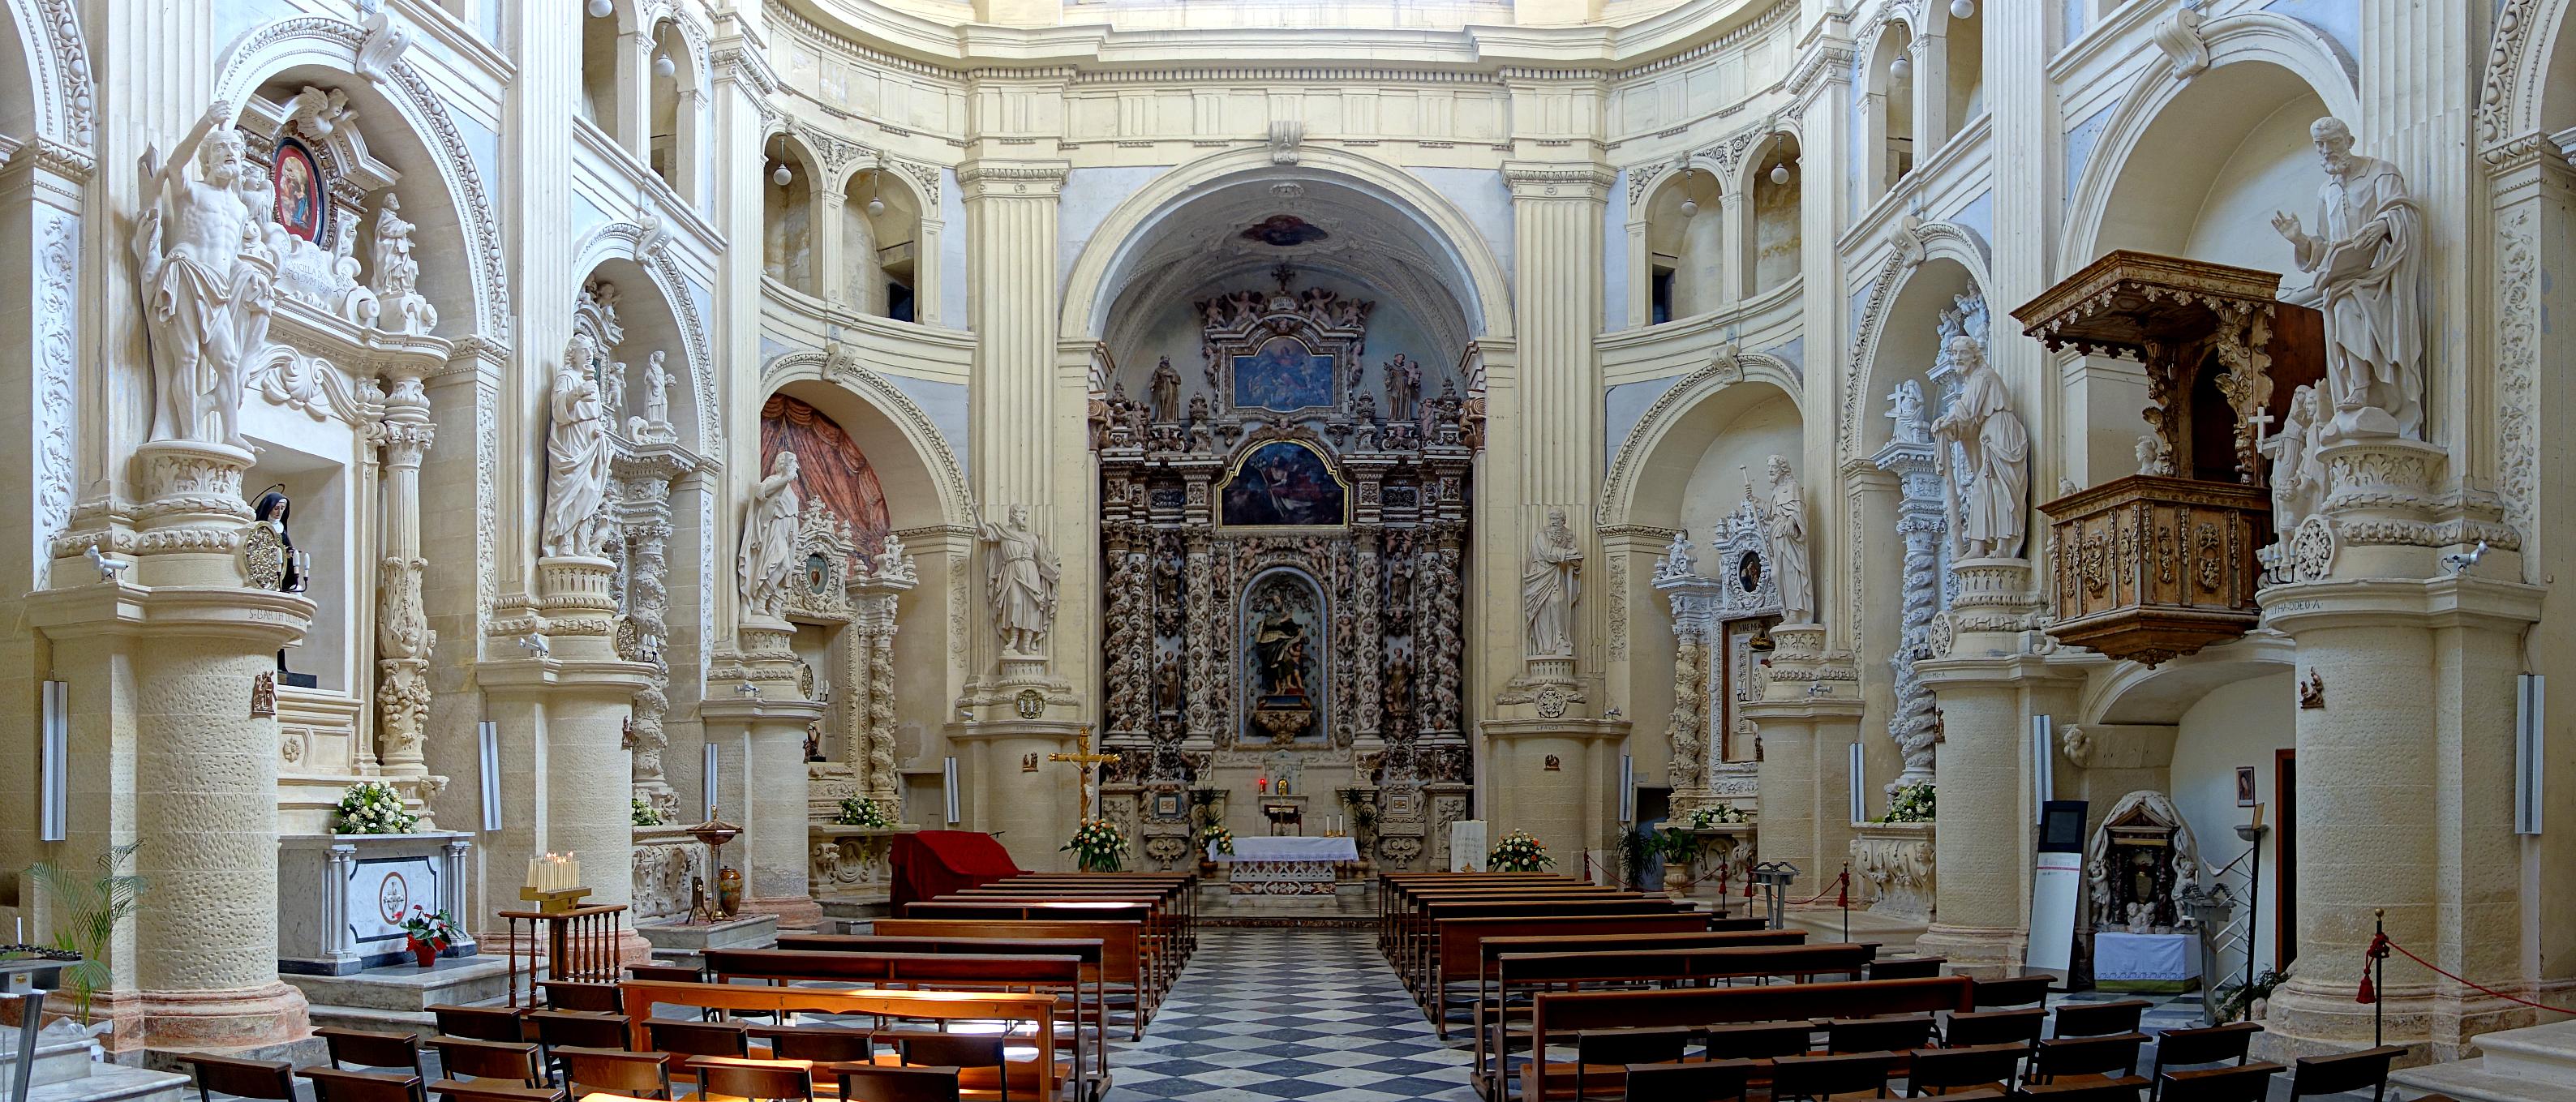 File:Lecce san matteo nef.jpg - Wikimedia Commons